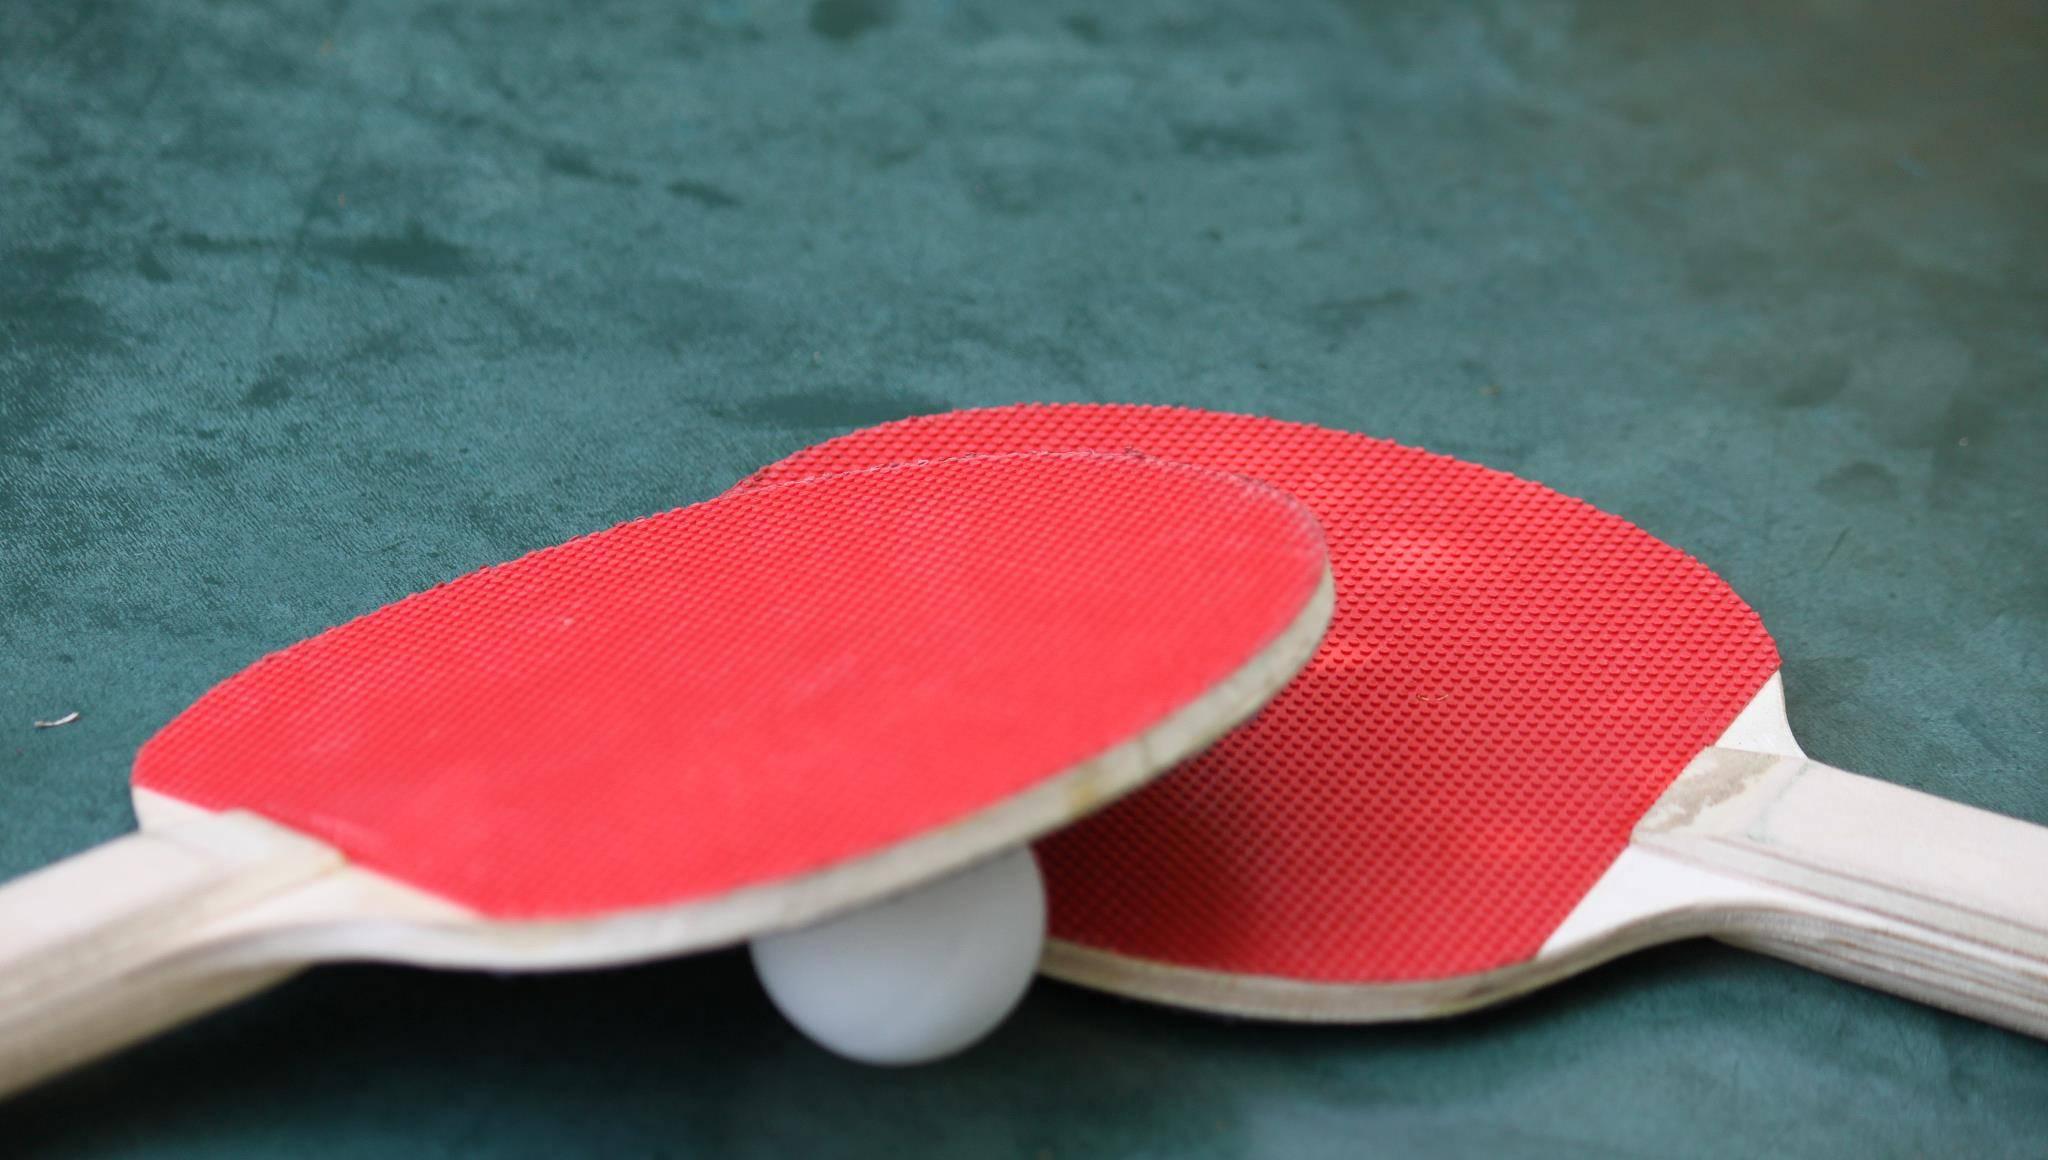 手法、步法、身法、心法,摆短技术的要领都在这里了!  乒乓球摆短技术要领